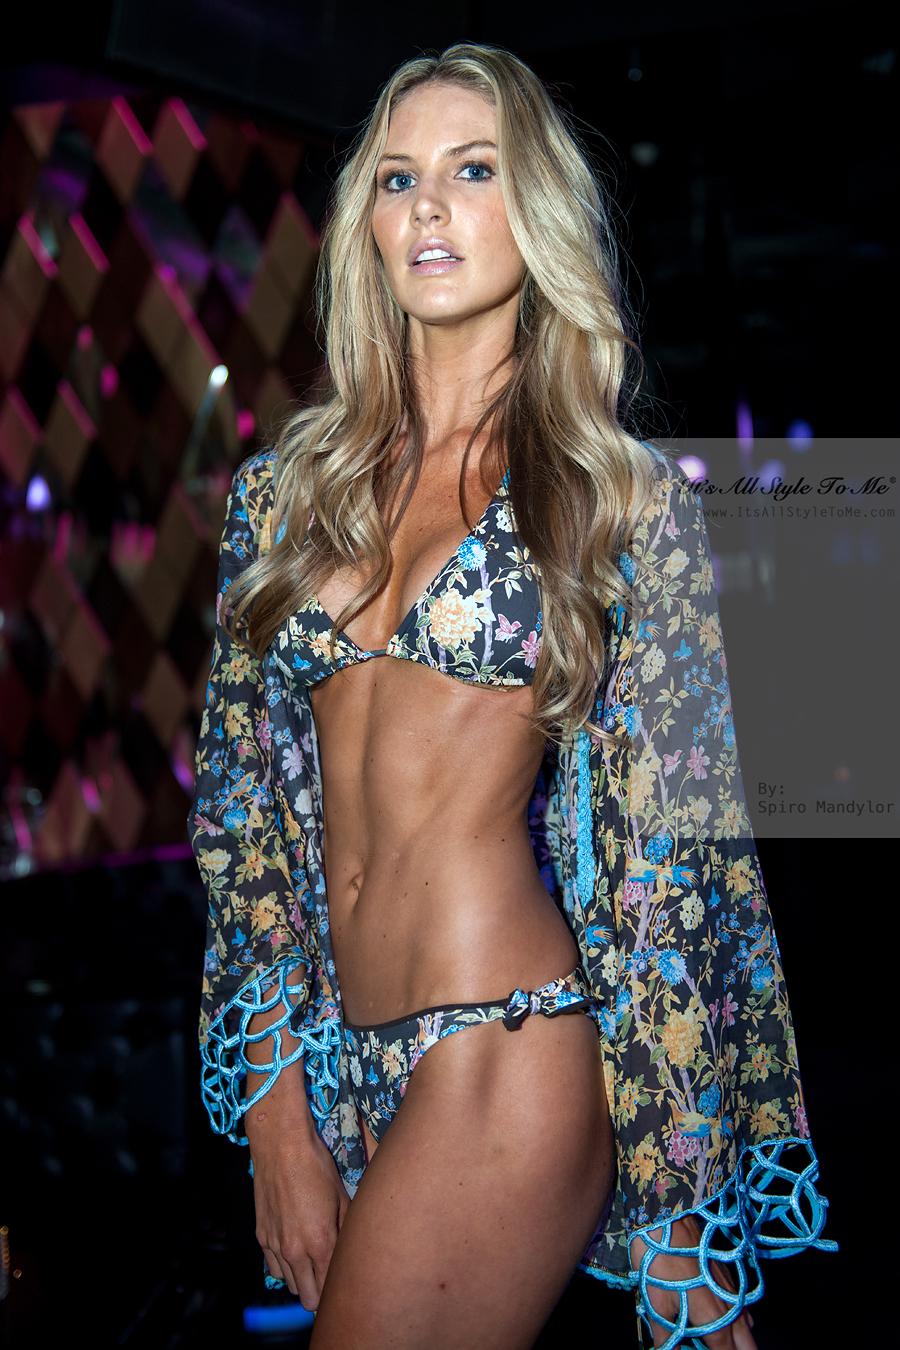 Dans Les Backstages De La Miami Swimwear Fashion Week Luxsure